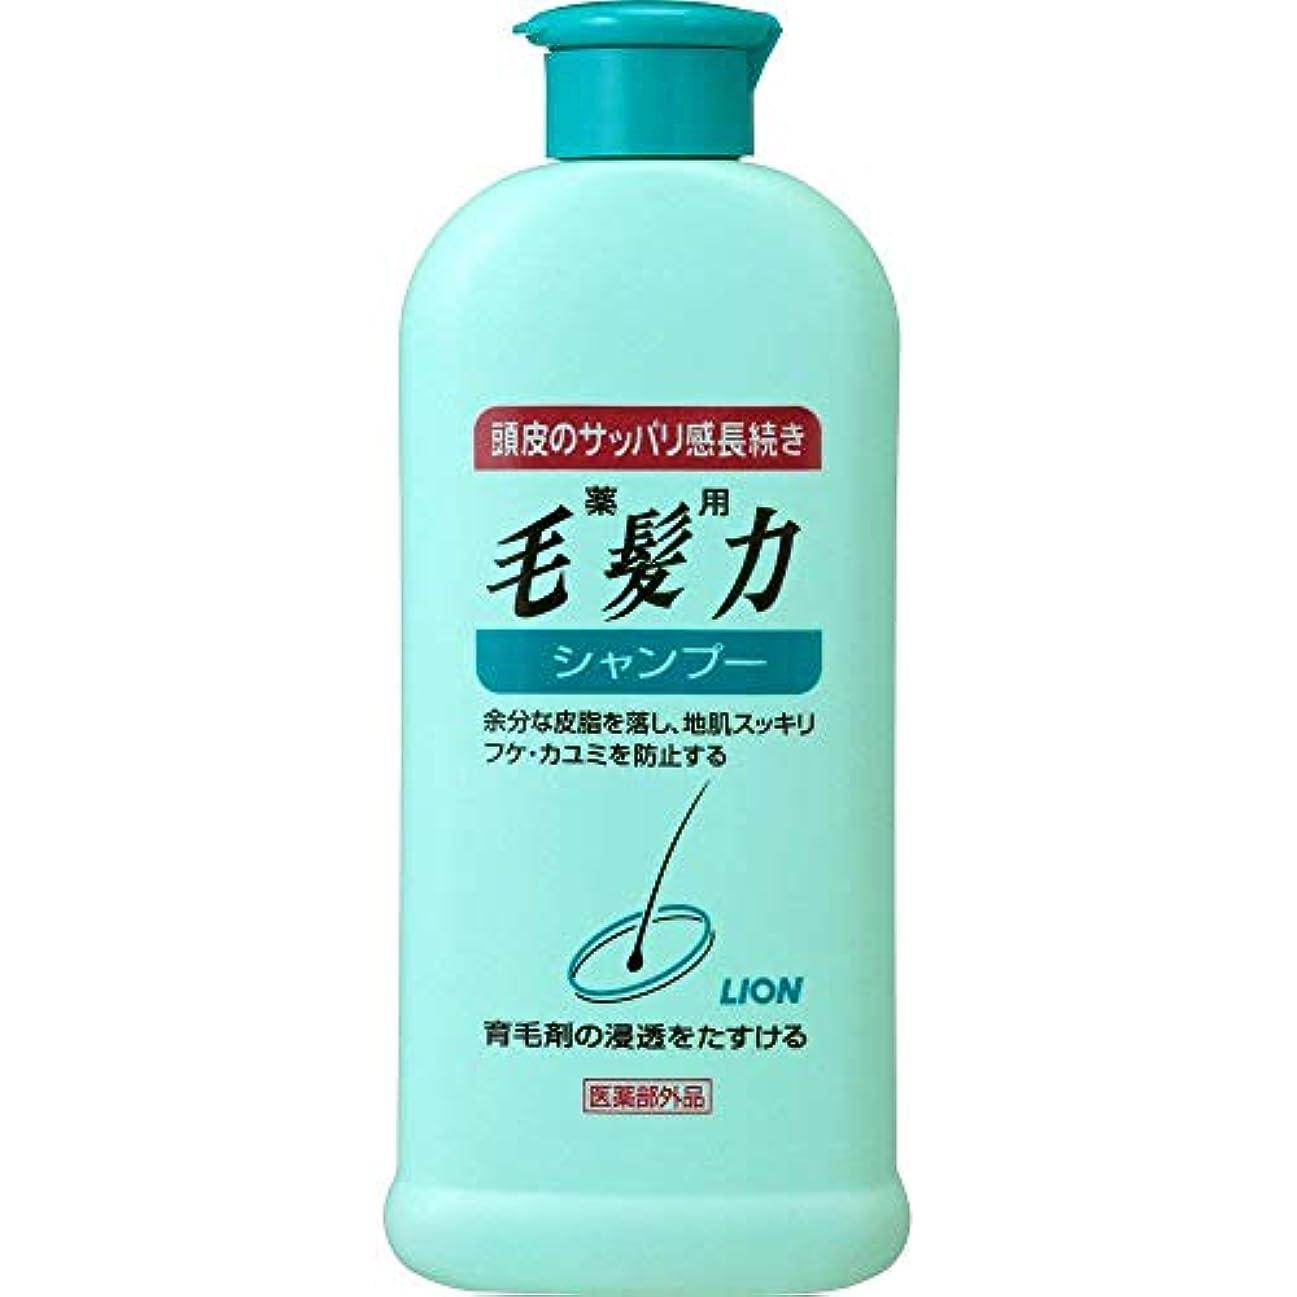 省略する振り子耐えられない【まとめ買い】薬用毛髪力 シャンプー 200ml ×2セット